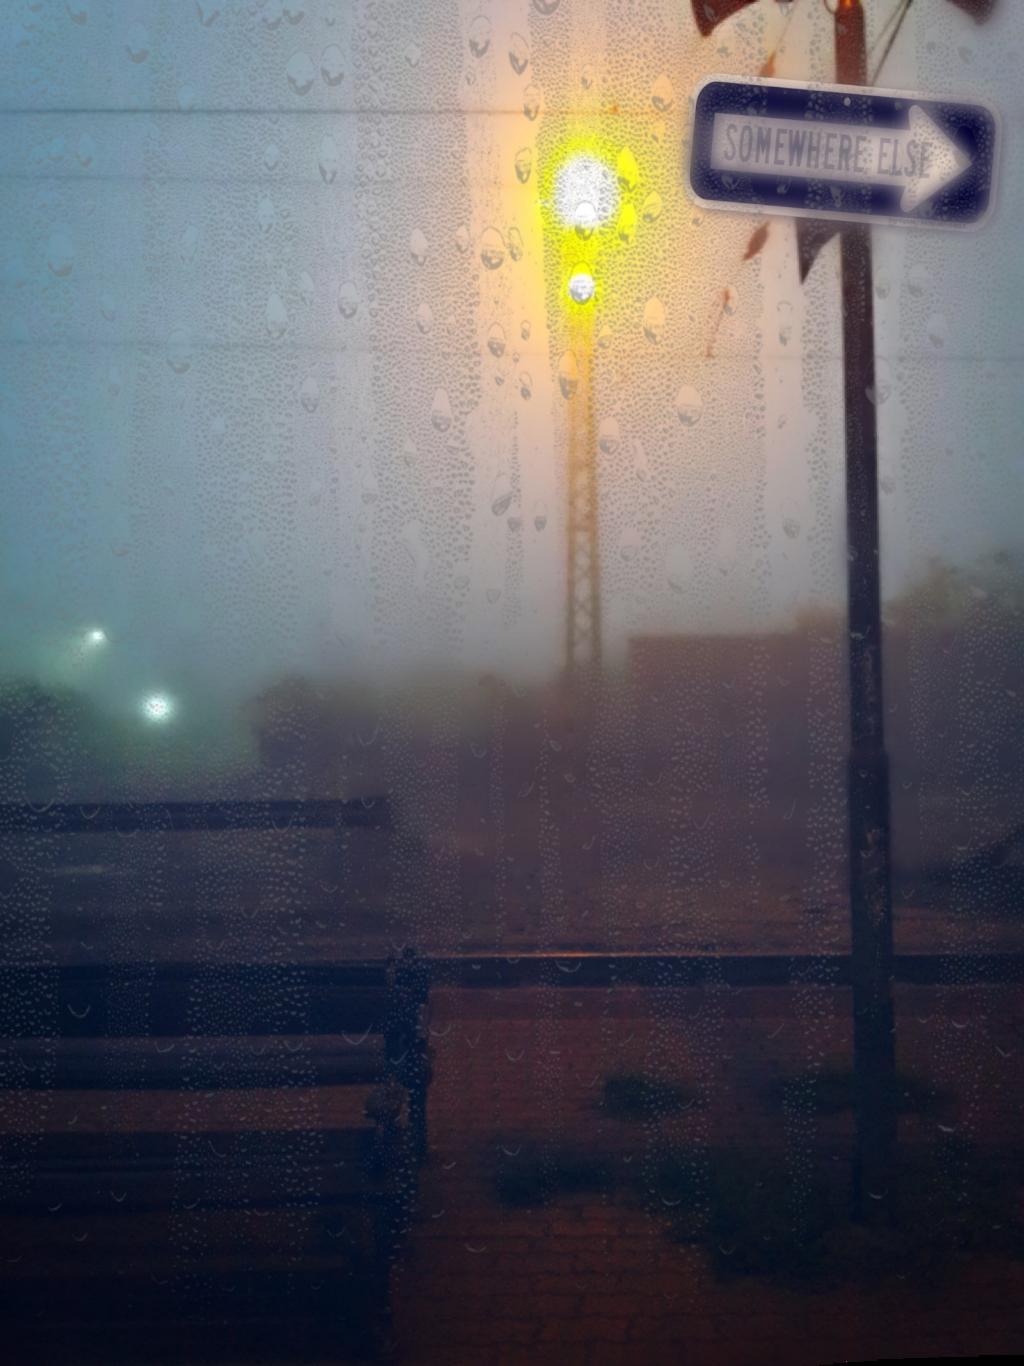 #dawn #fog #foggymorning #station